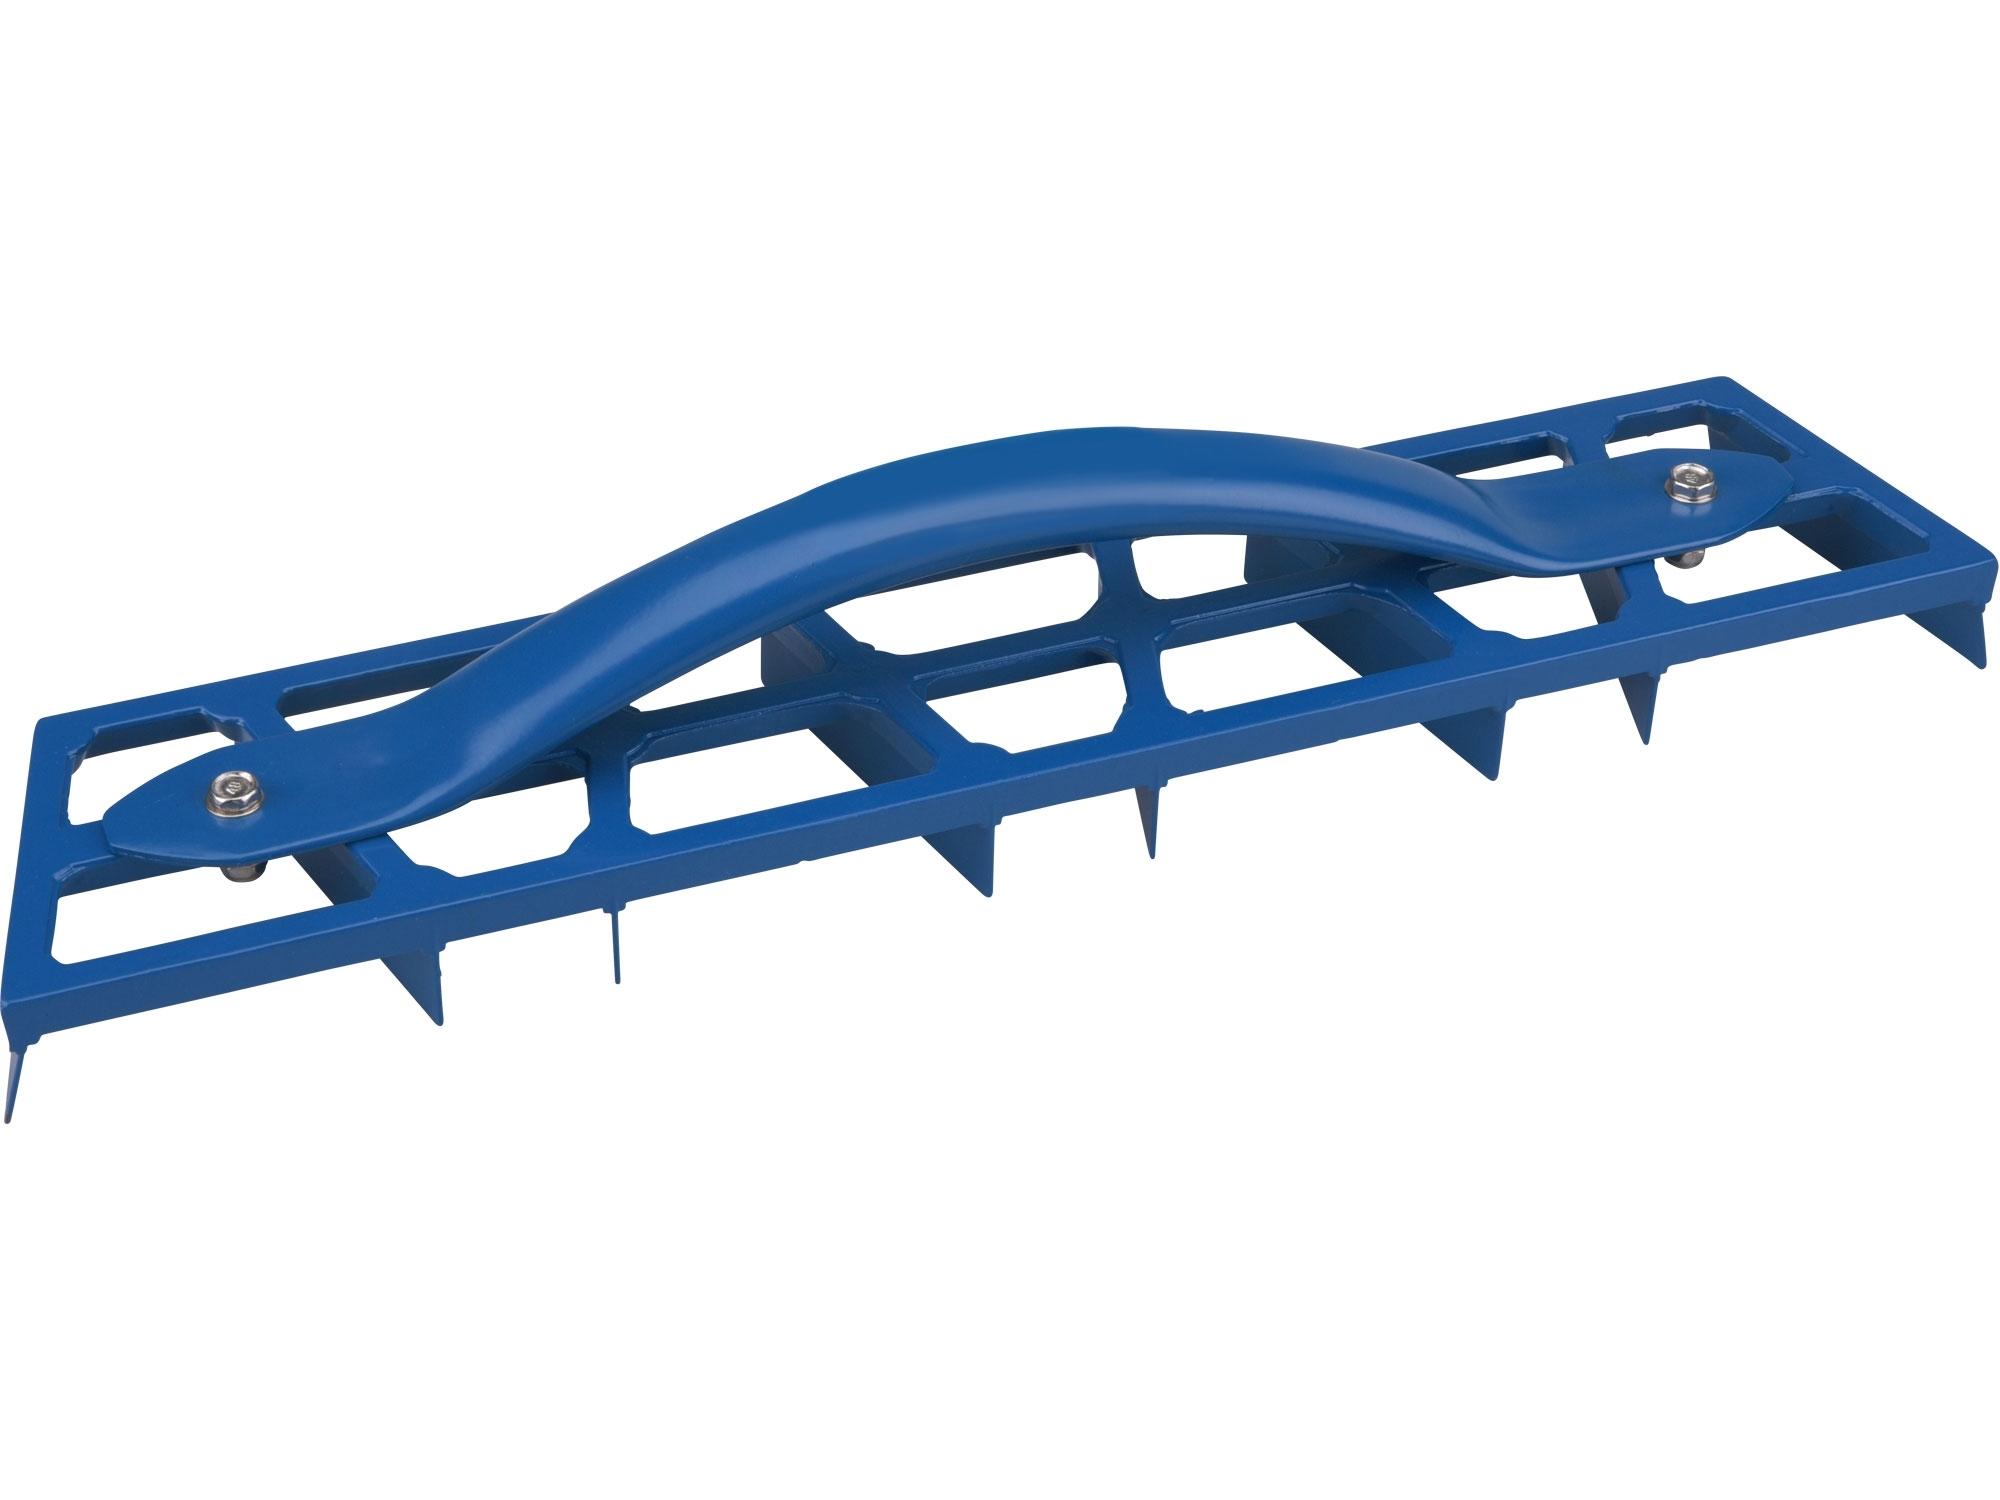 škrabák omítek  450x90mm, 8 břitů, hliníková konstrukce